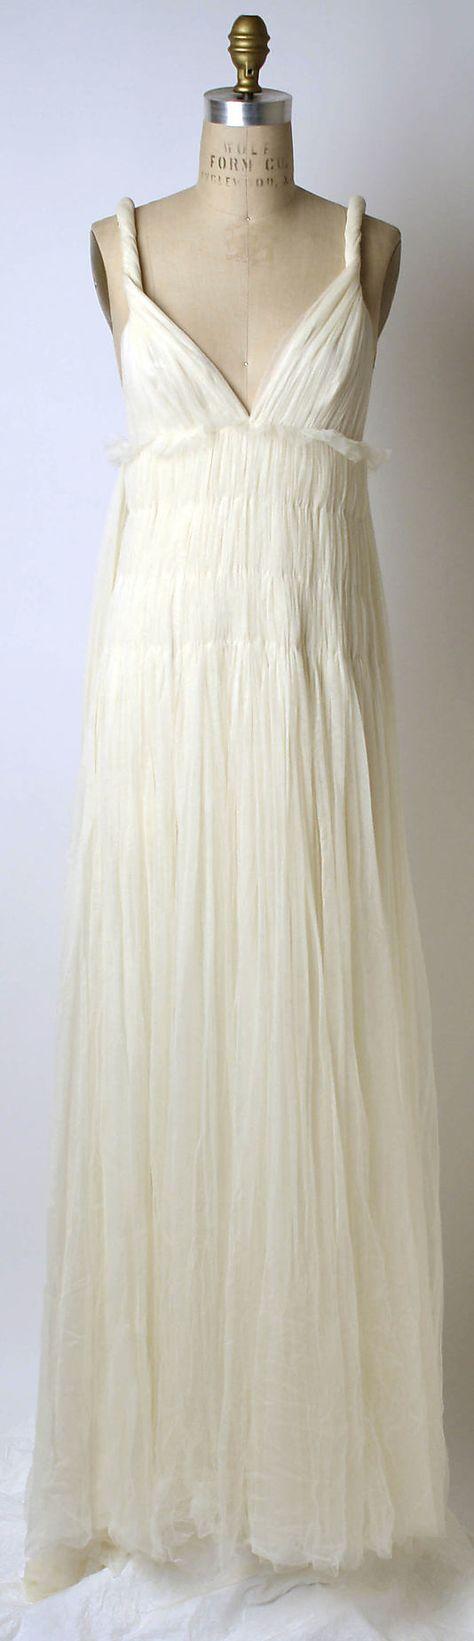 Wedding Dress  Vera Wang  (American, born 1949)